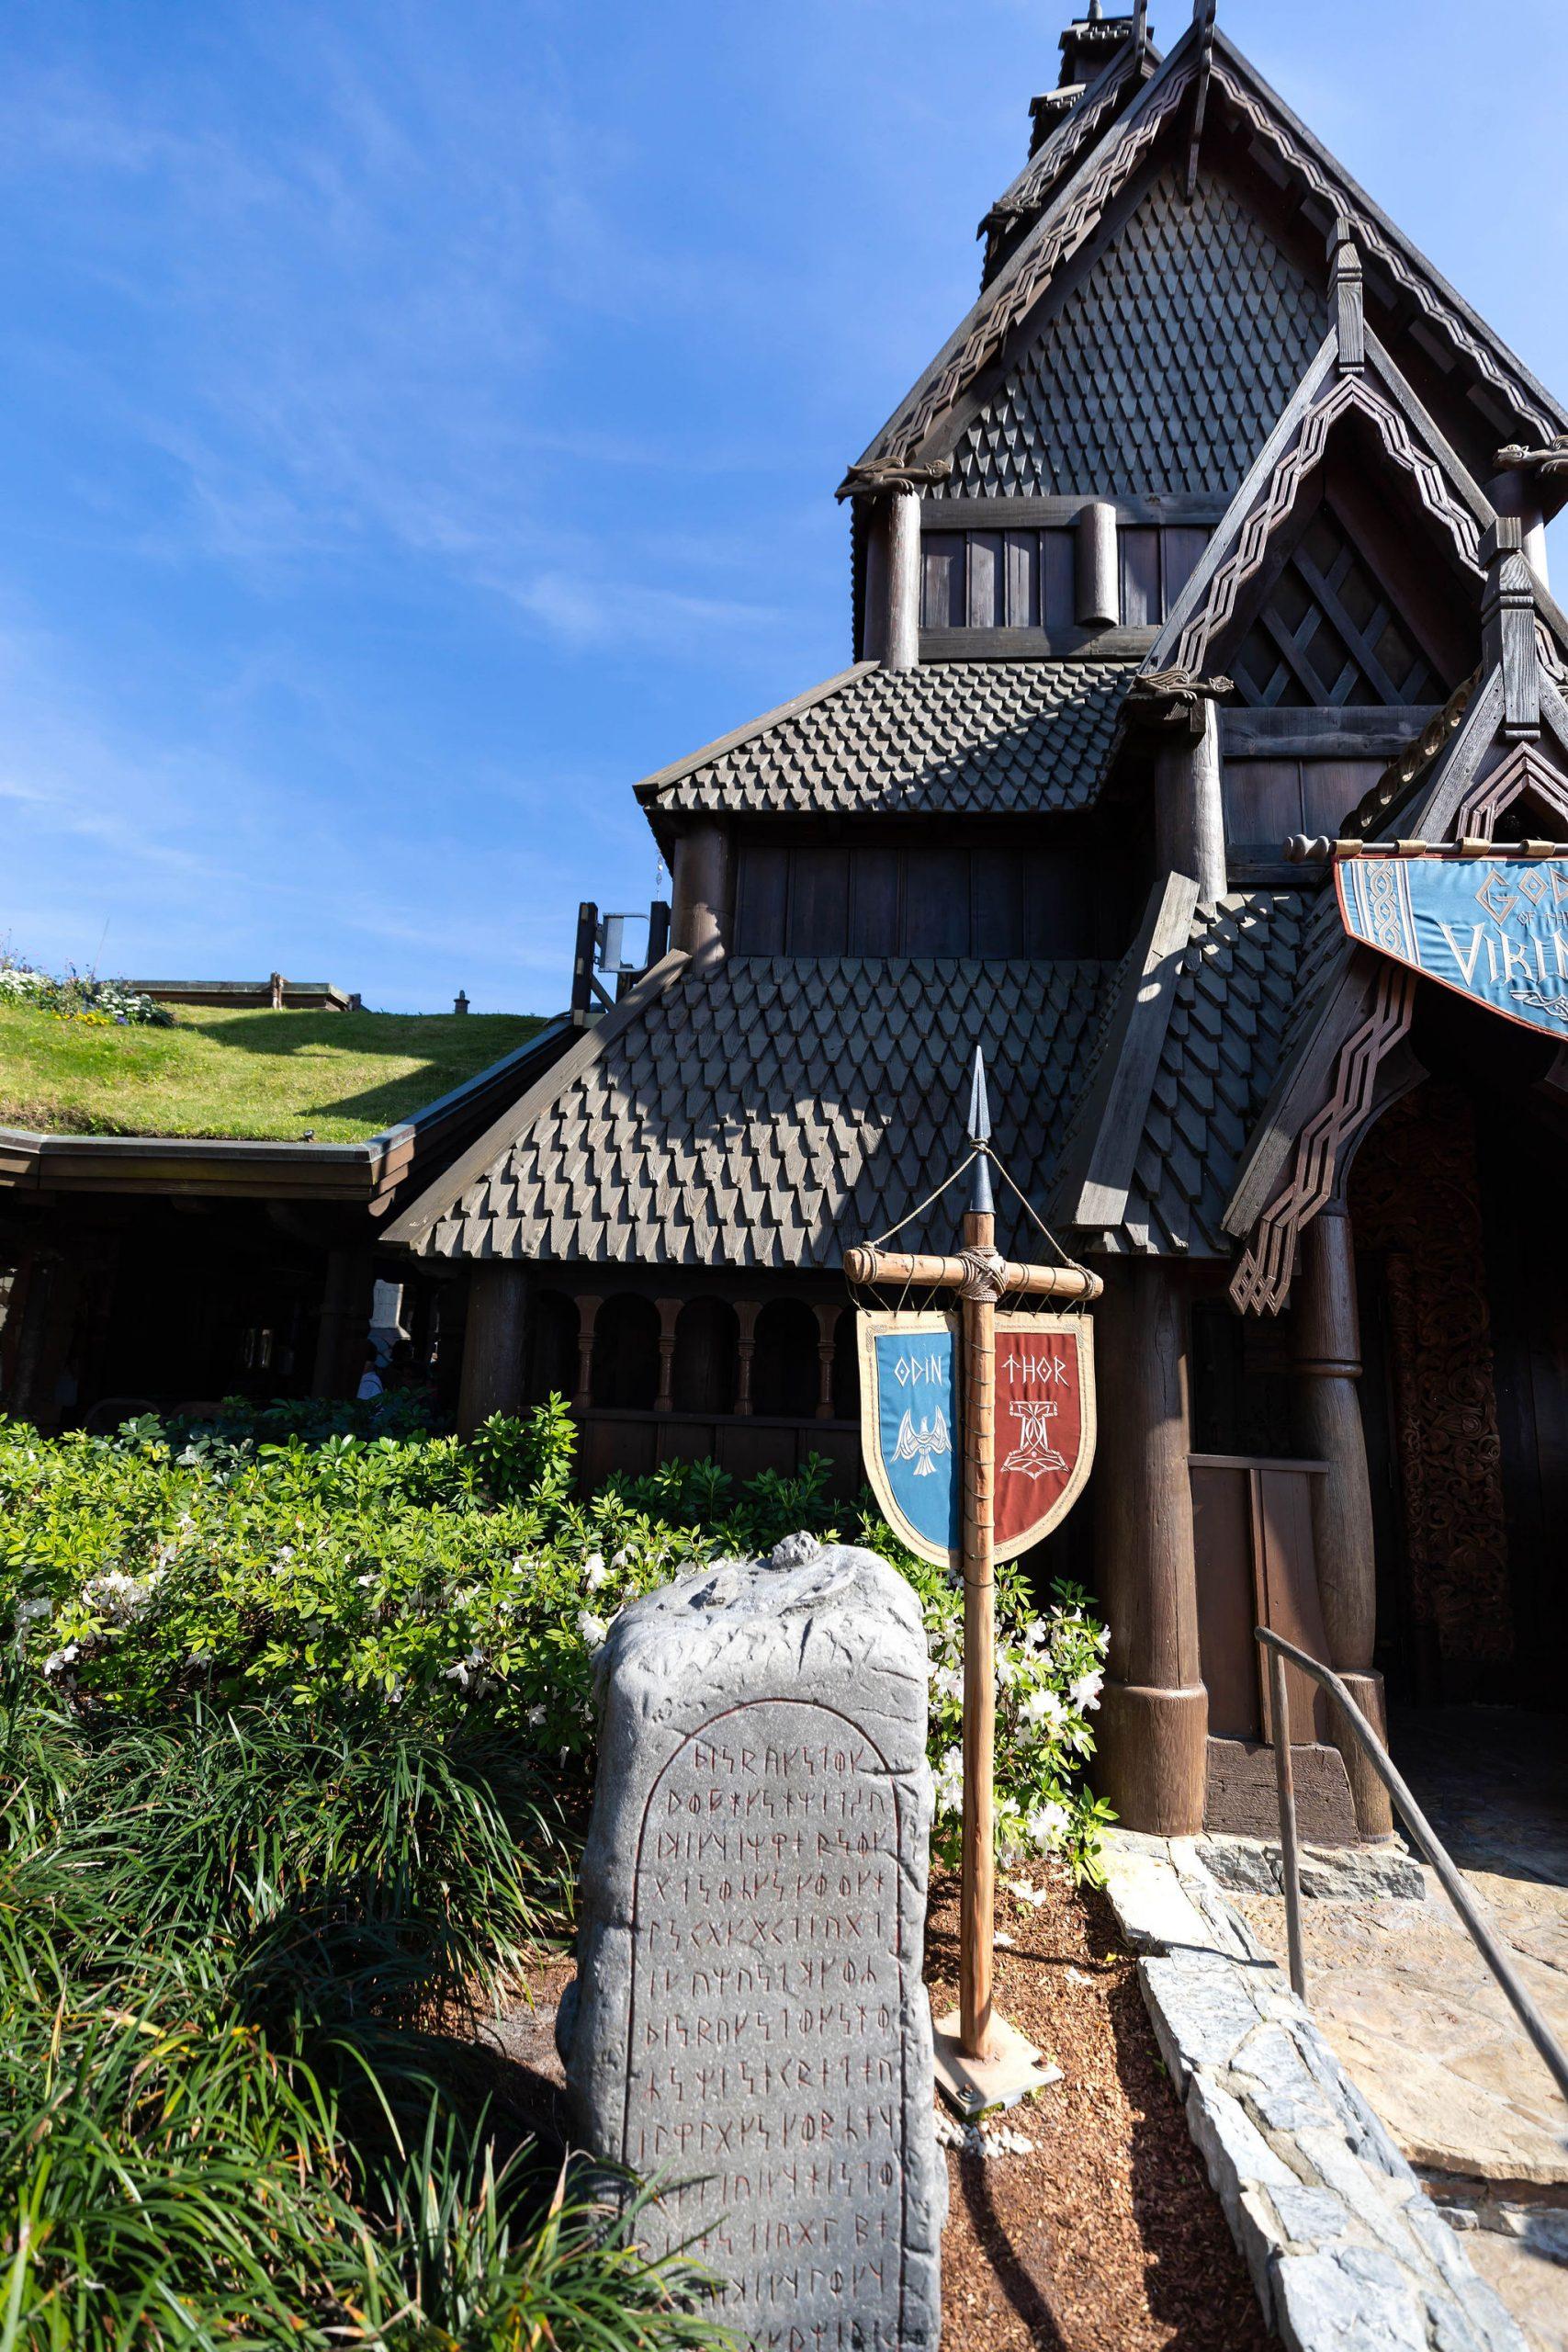 Norway Pavillion at Epcot Worldshowcase Walt Disney World Photographed by Annie Fairfax